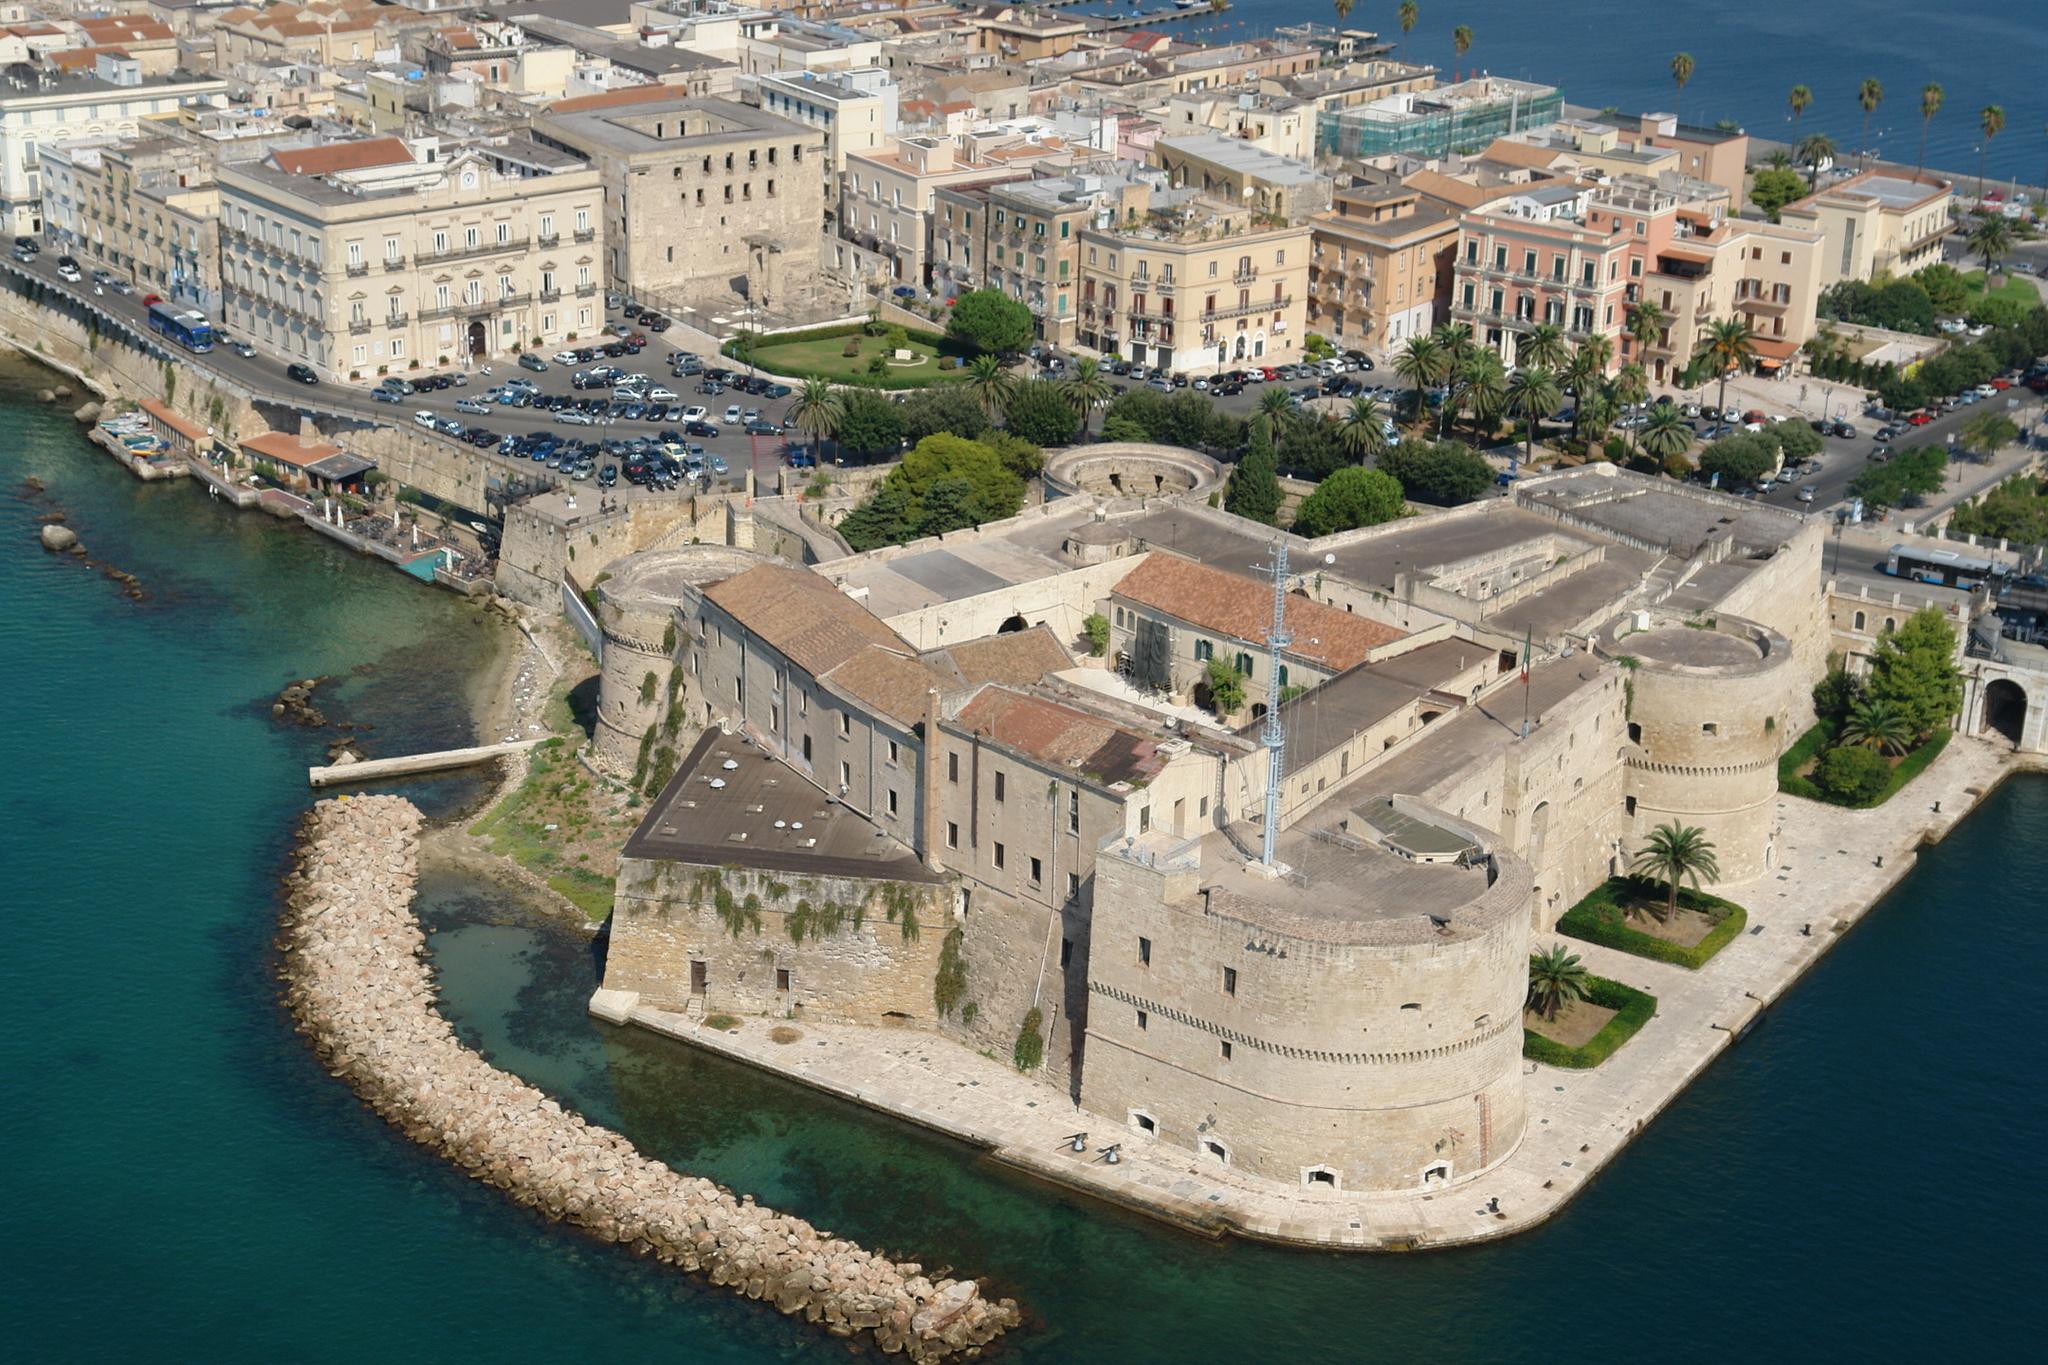 На итальянском курорте продаются дома с панорамным видом на море